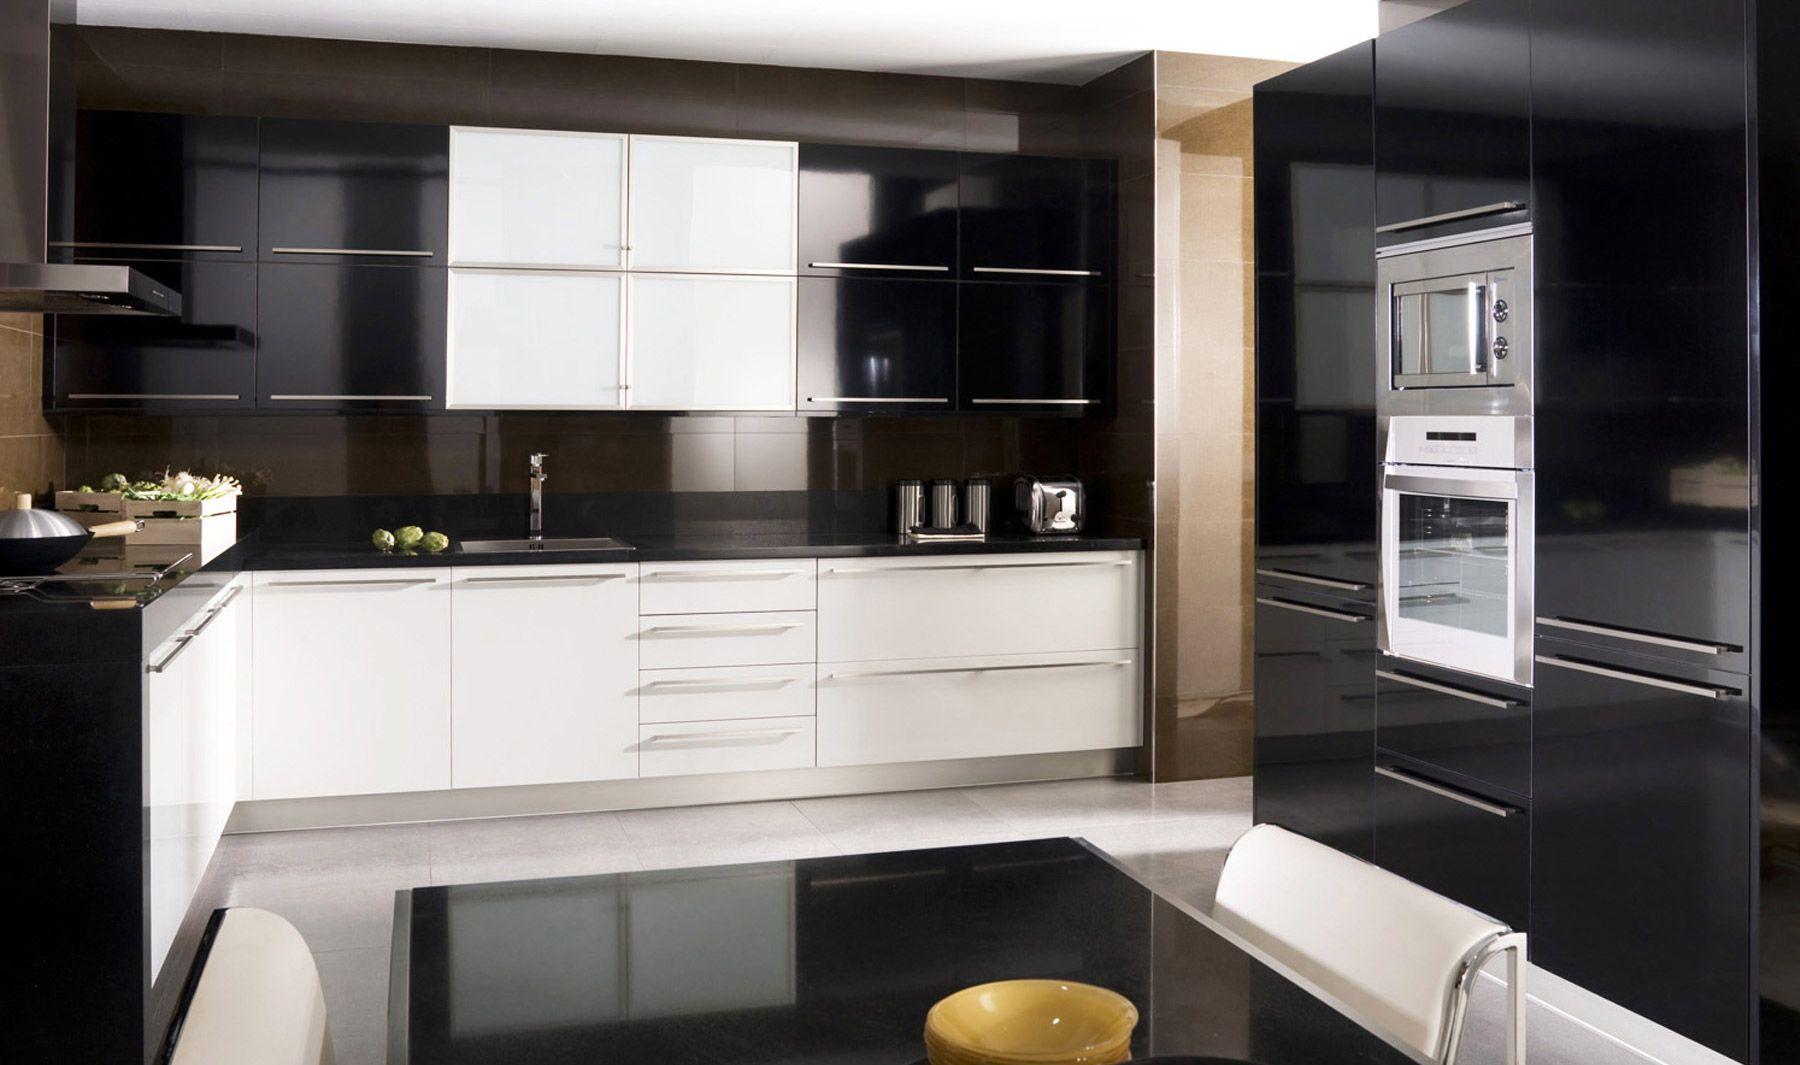 Cocina moderna jorge fernandez cocinas pinterest for Cocinas modernas